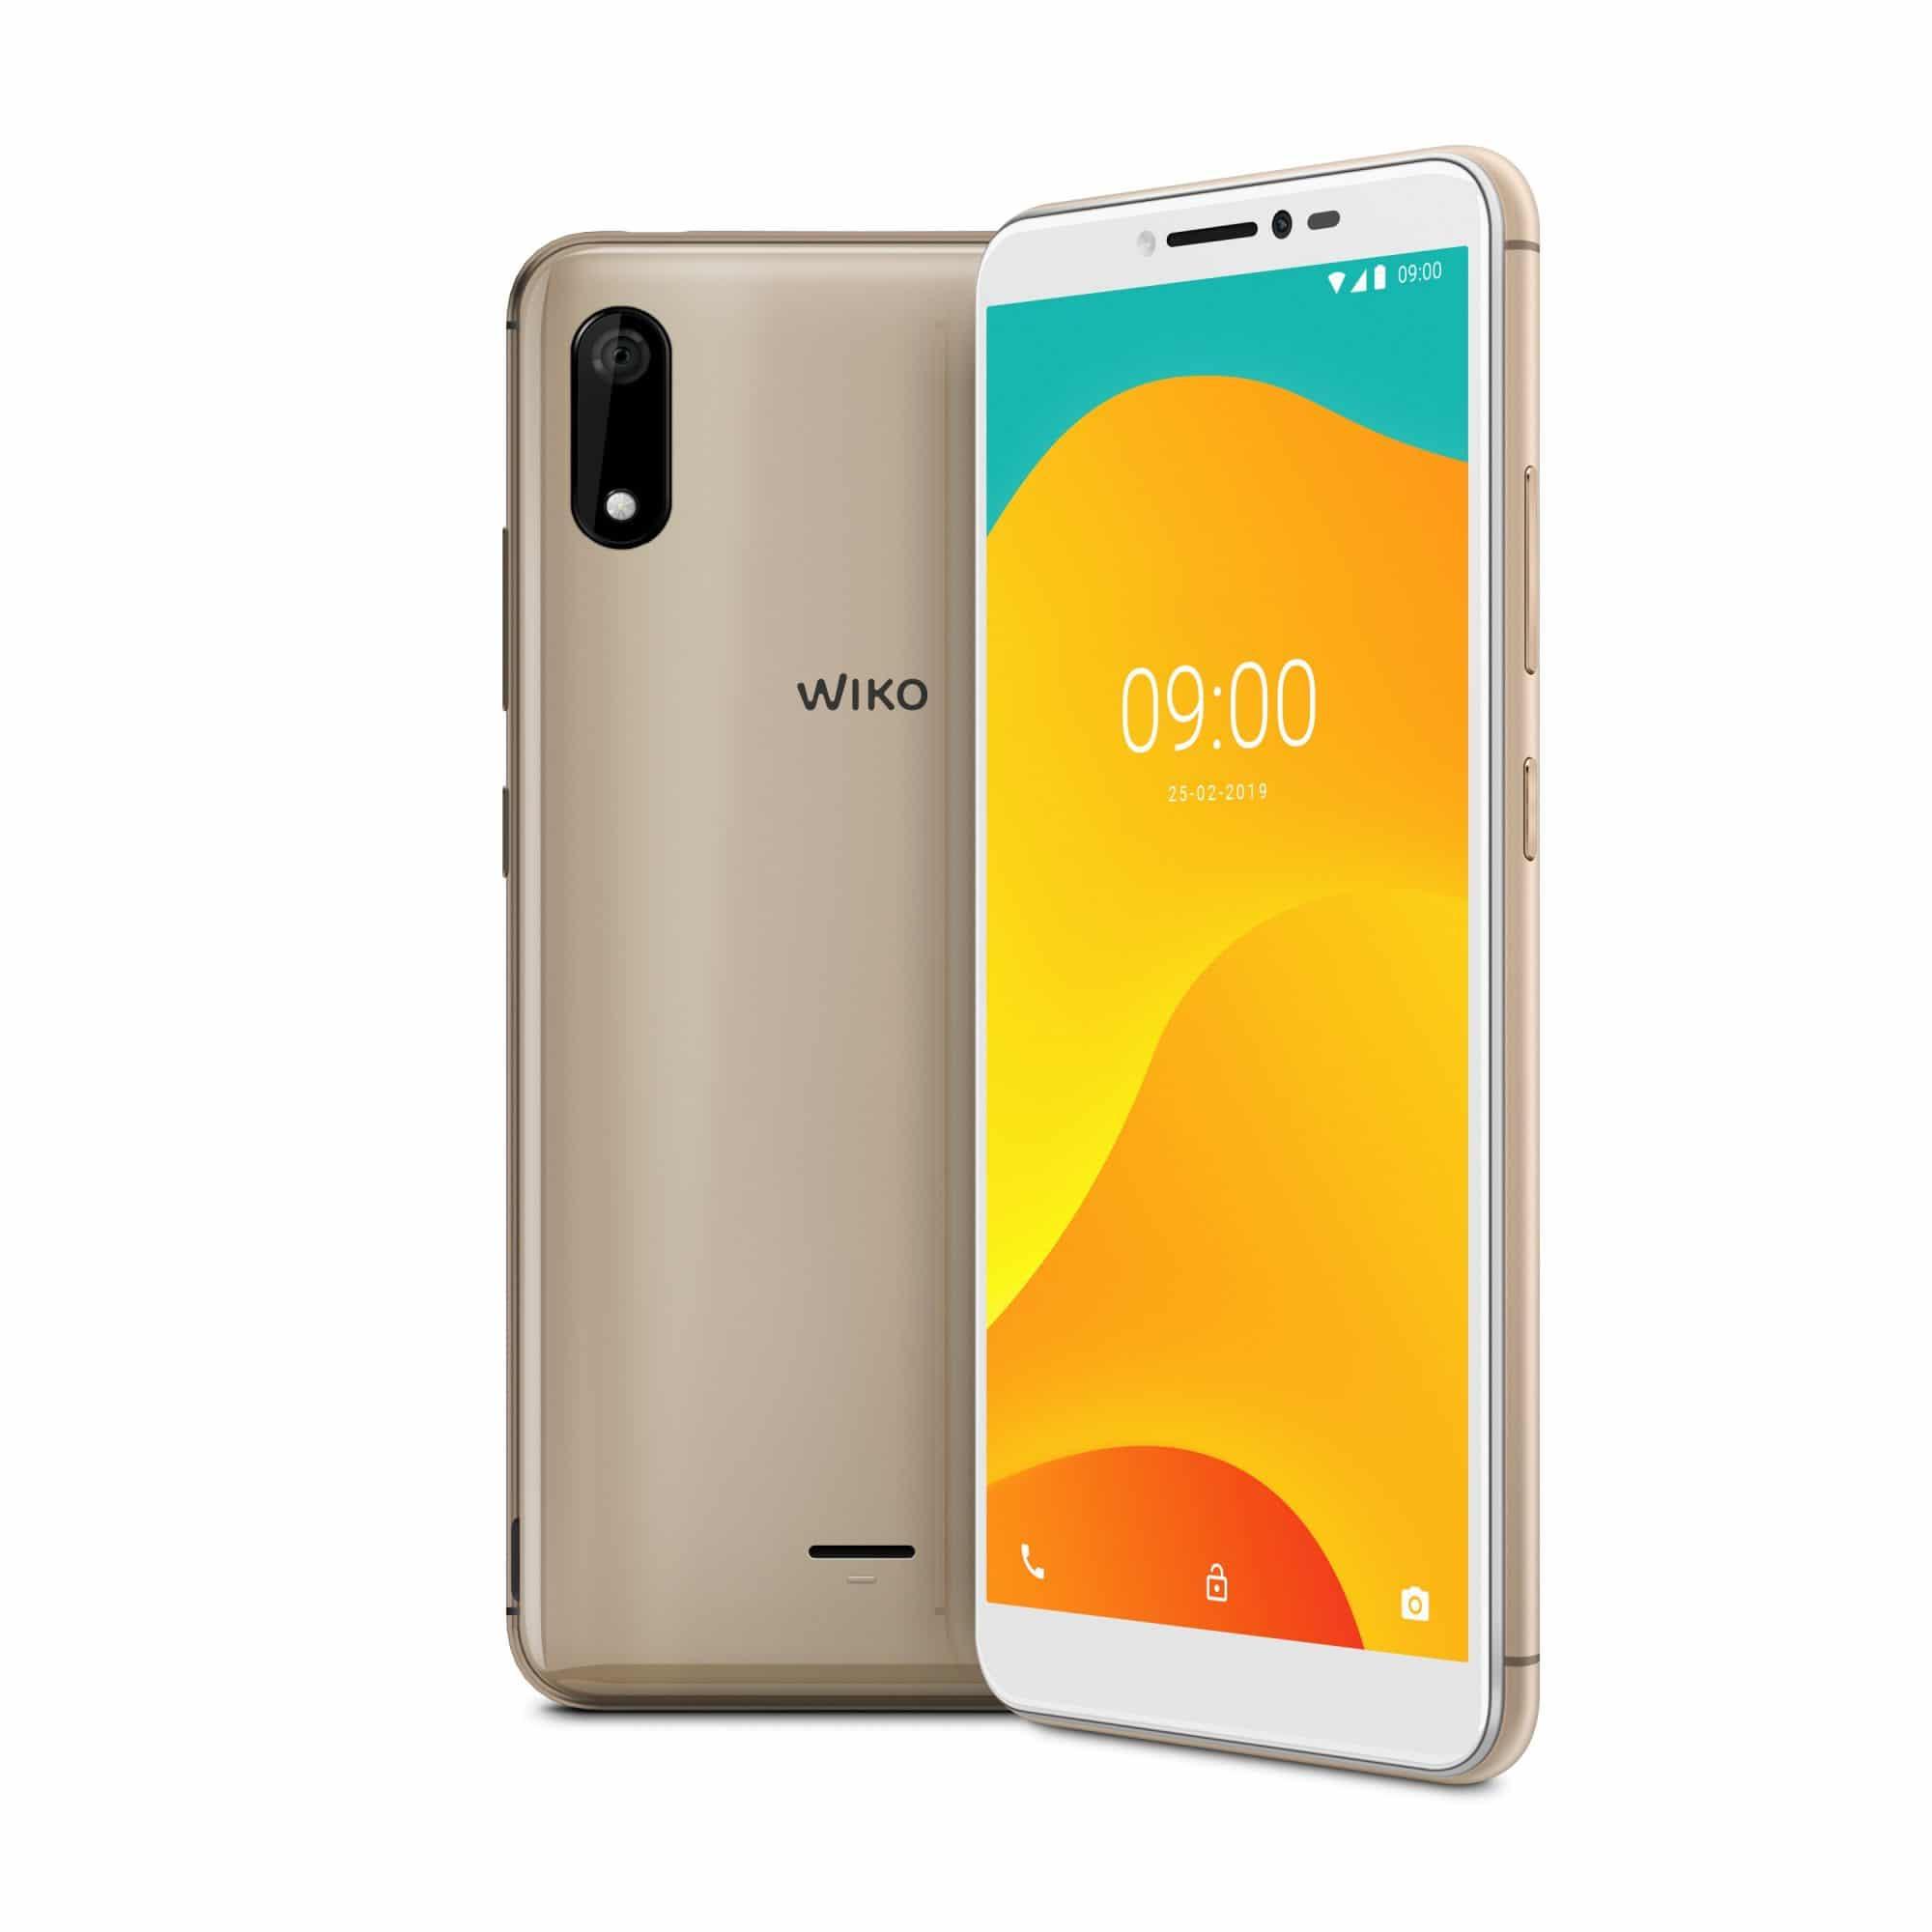 Wiko Sunny4 Plus มือถือจอกว้างคมชัดในราคาสุดคุ้มค่า 3